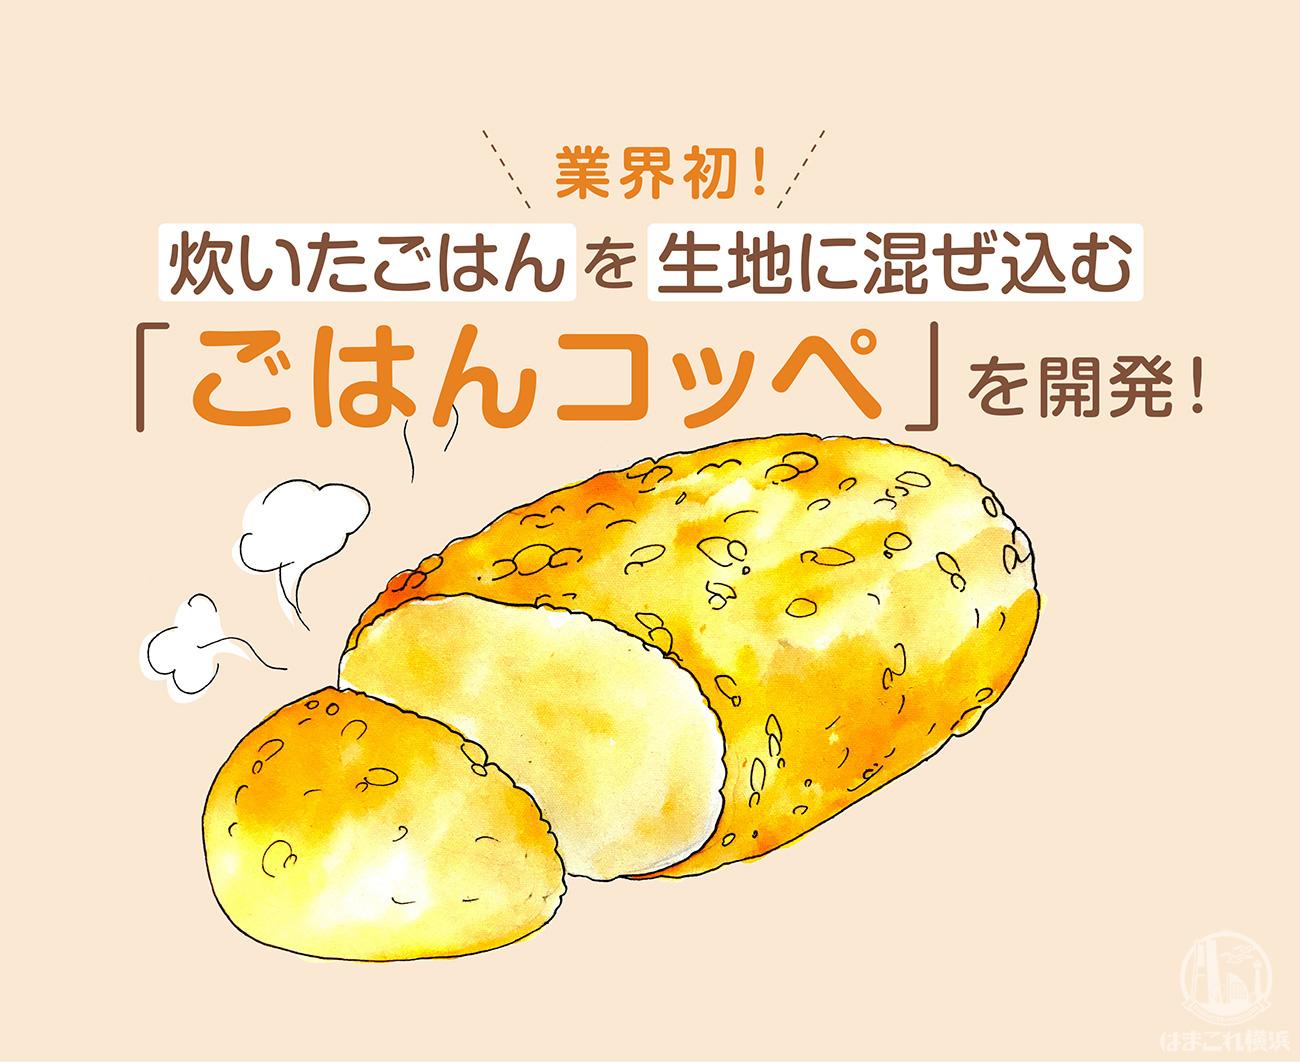 コッペパン専門店「コッペんどっと」が横浜綱島にオープン!炊いたごはんを生地に混ぜ込む業界初のパンを販売